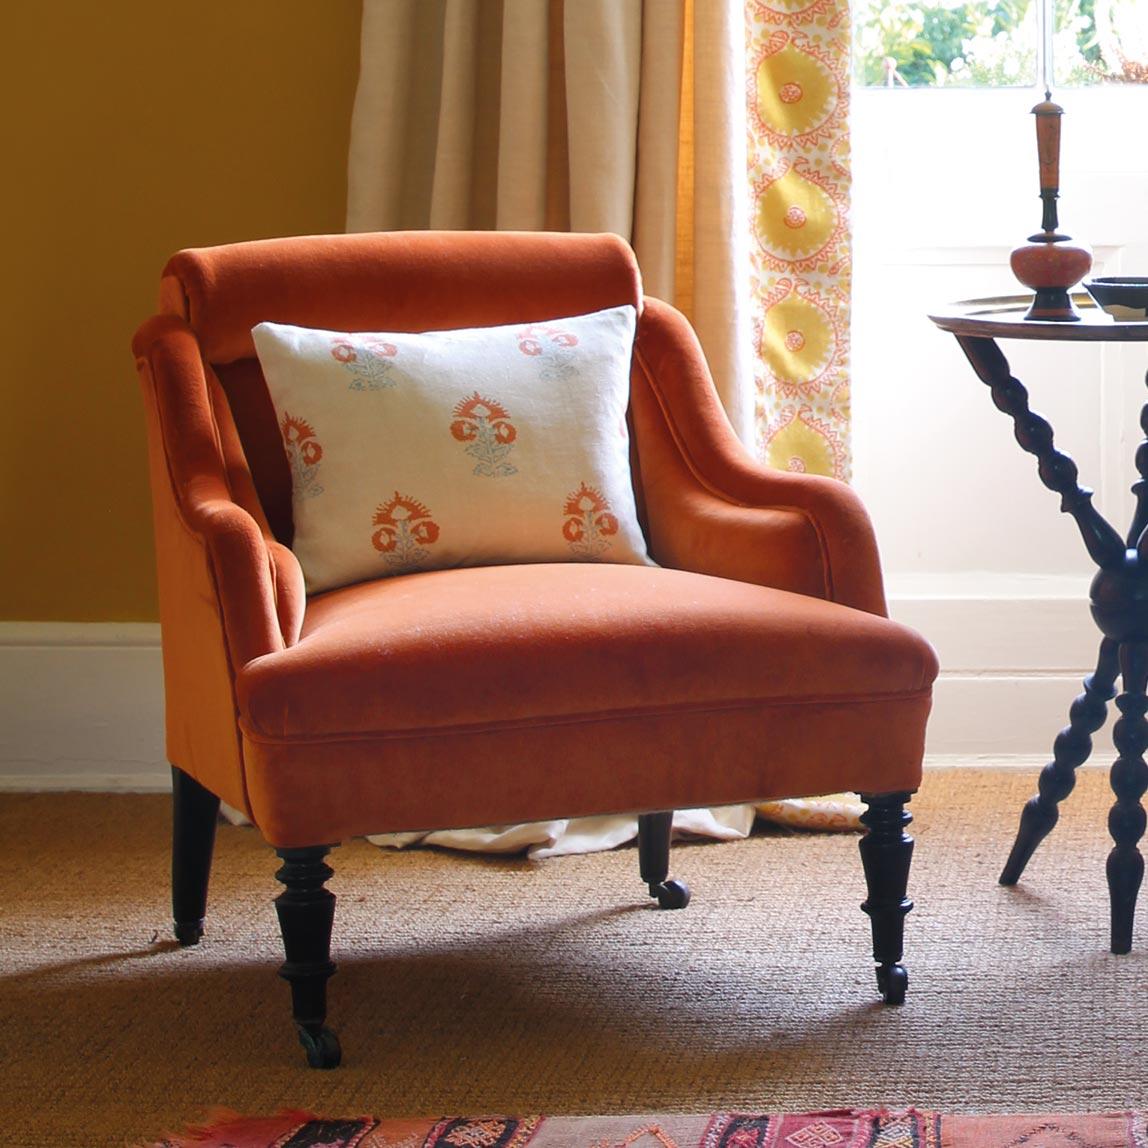 Light Plain & Hirmani Saffron Curtains and Orange Velvet Chairs_CROP